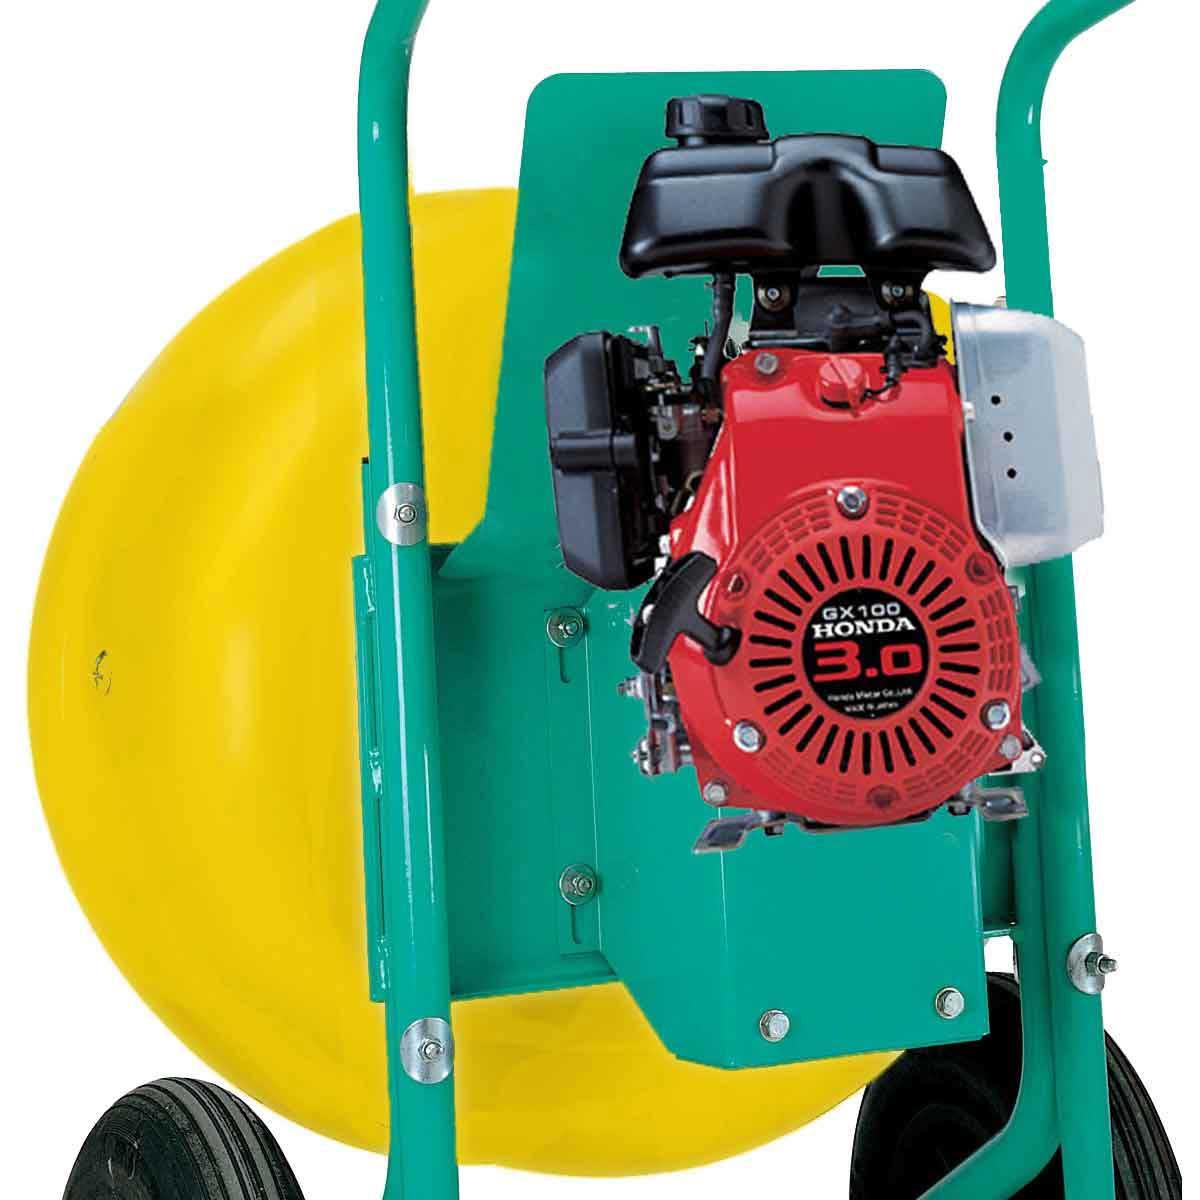 Imer Wheelman Concrete Mixer motor